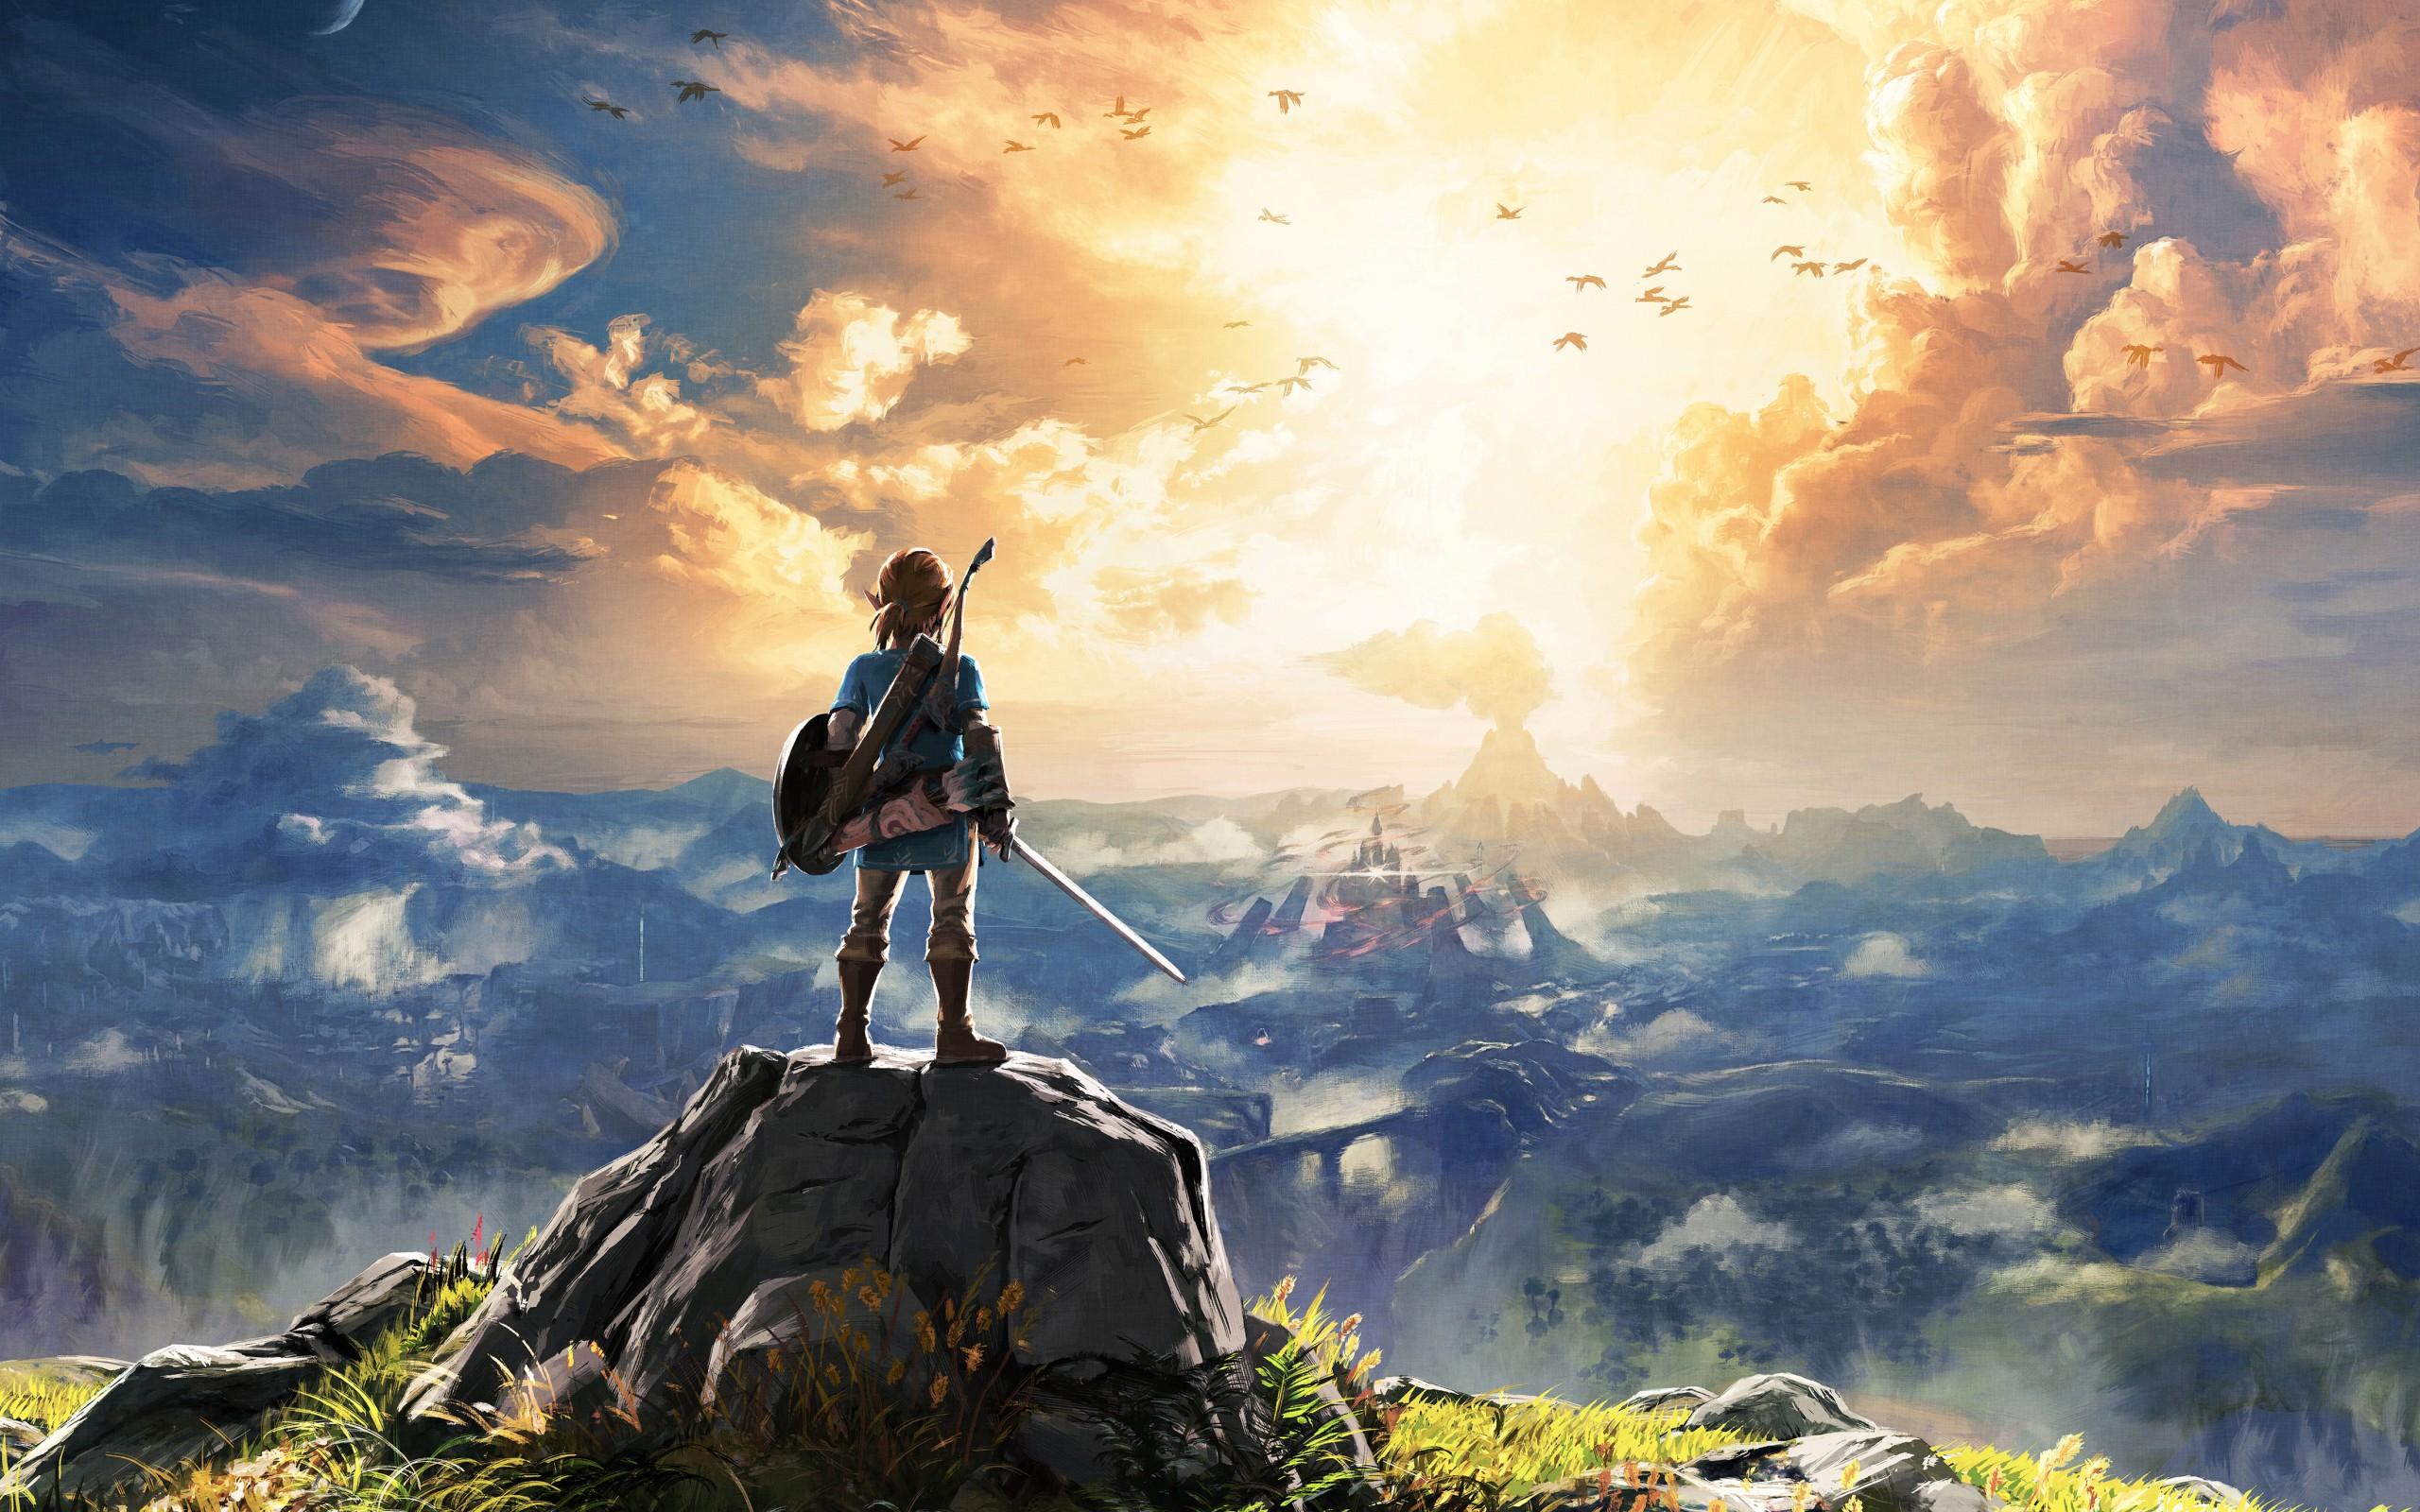 厳選壁紙 Mac Pc 壁紙 18 ゼルダの伝説 The Legend Of Zelda 70枚 Applejp Macjp Blog Nobon